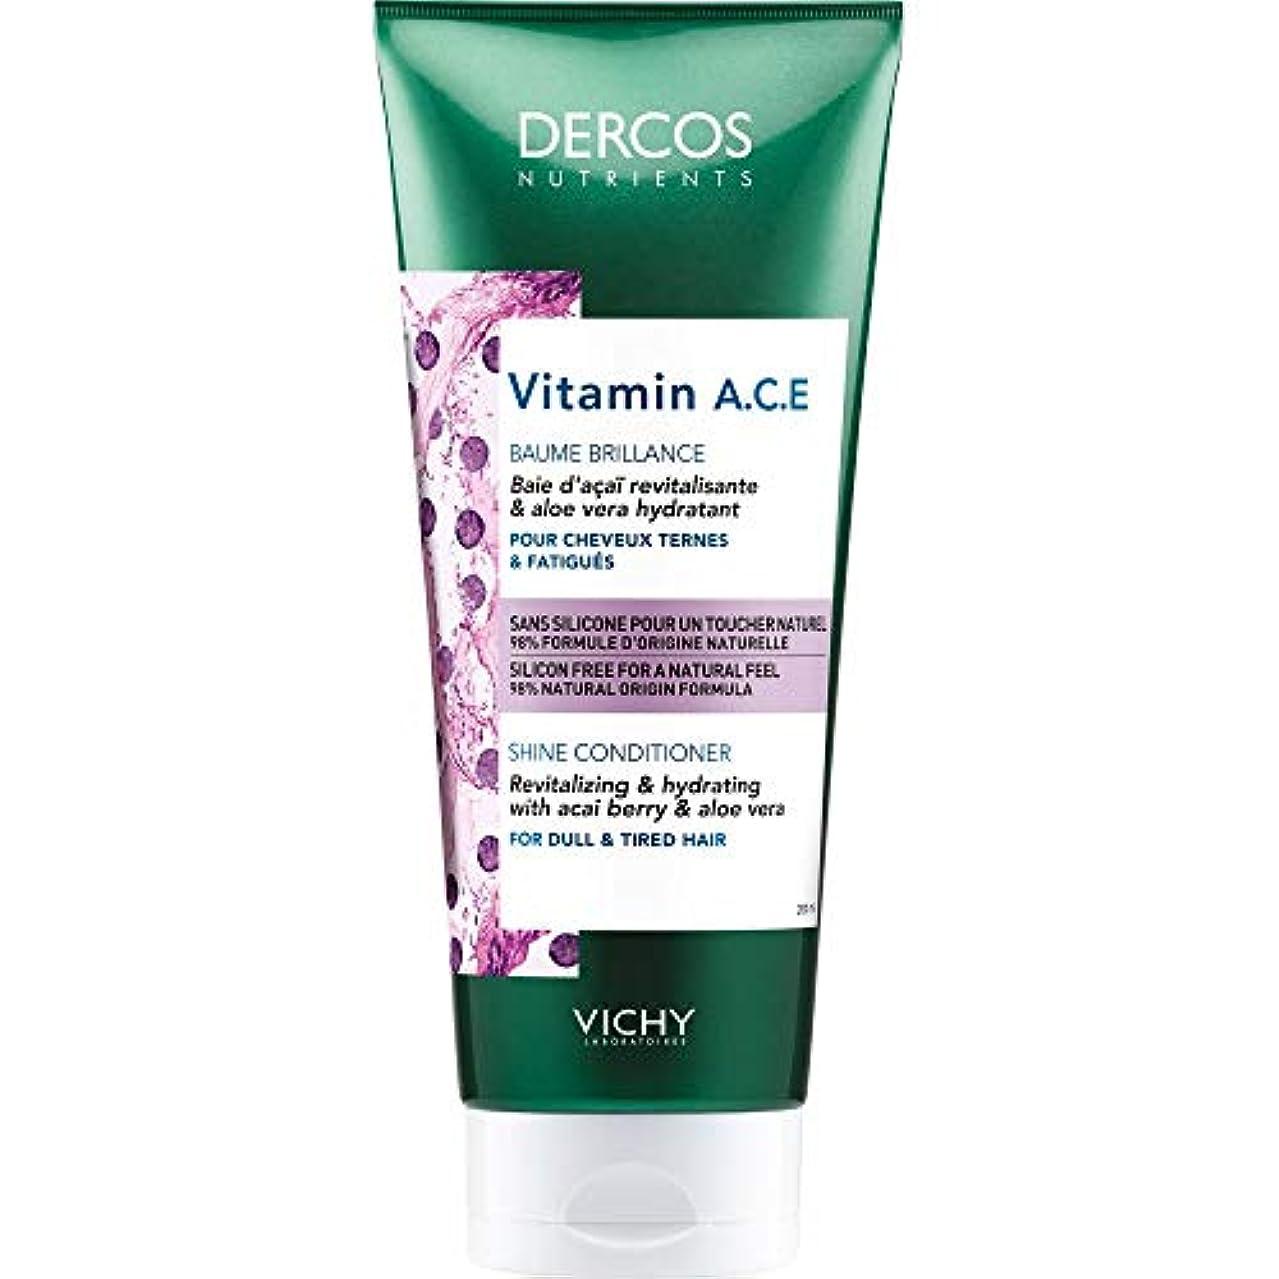 金額笑いジョイント[Vichy ] 栄養素のビタミンA.C.E輝きコンディショナー200Ml Dercosヴィシー - Vichy Dercos Nutrients Vitamin A.C.E Shine Conditioner 200ml...